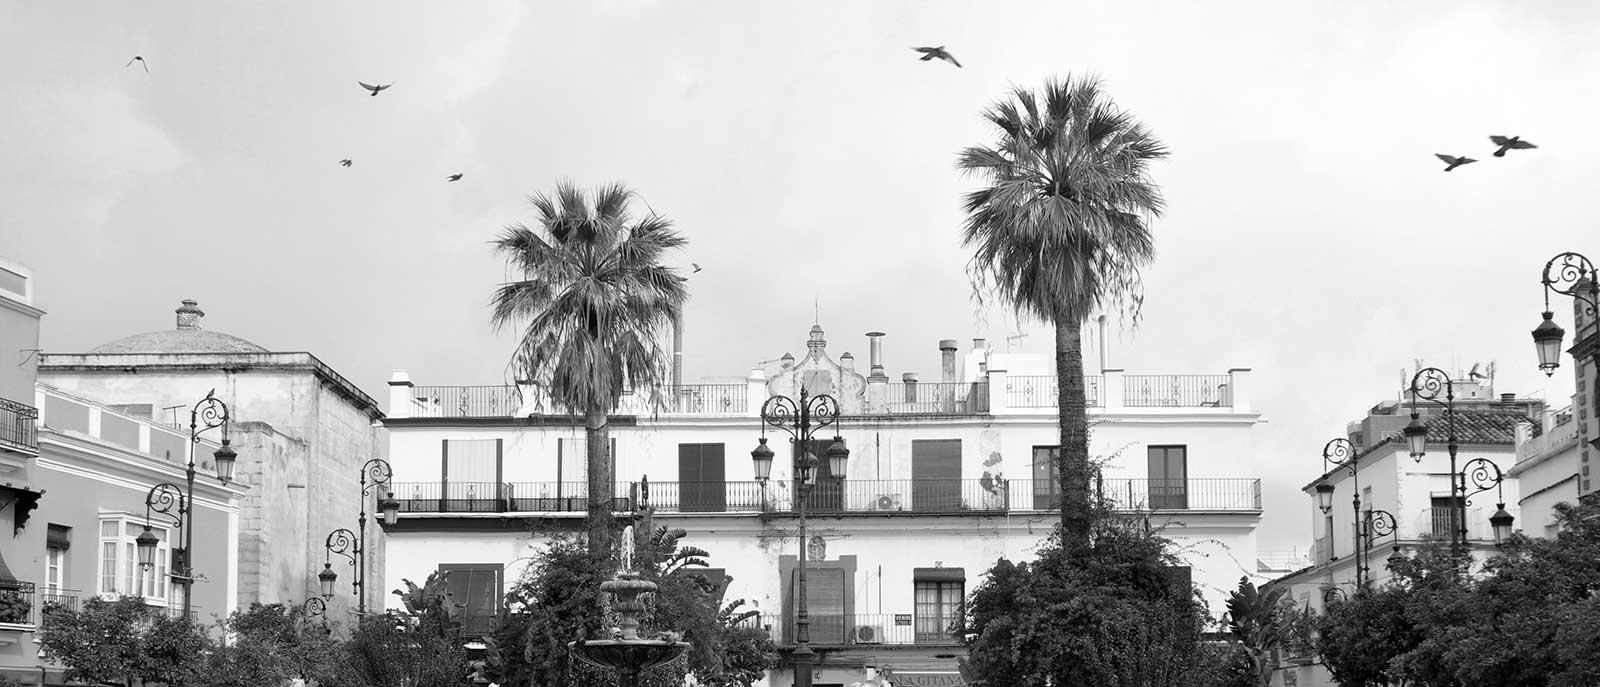 Los mejores precios de imprenta en Sanlúcar de Barrameda